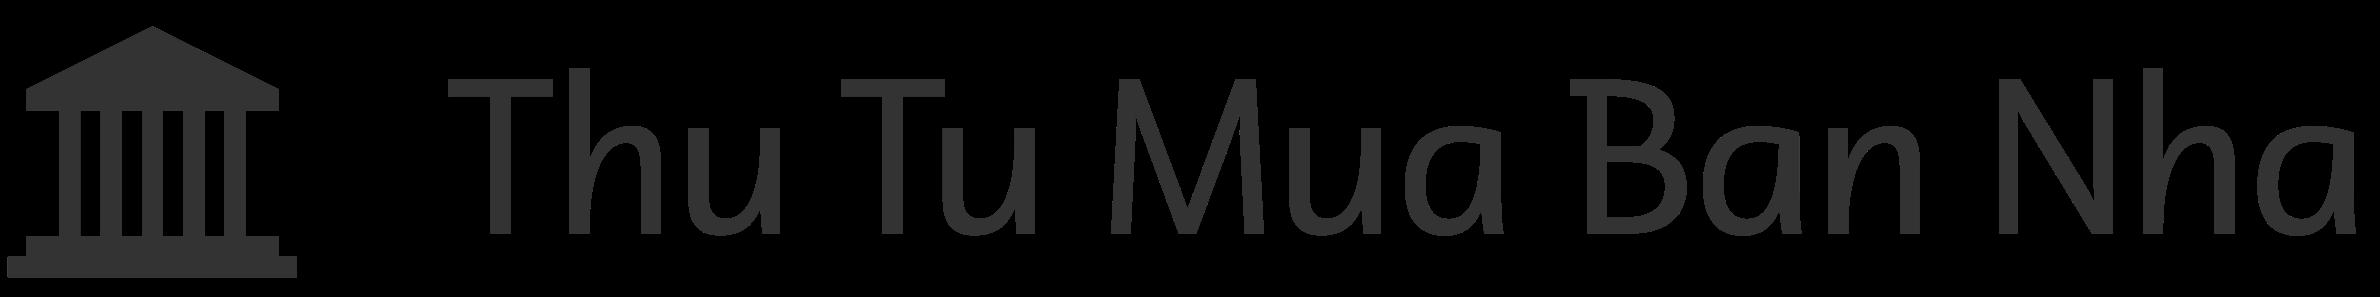 Thutucmuabannha - Xem ngay tại đây tin mới nhất về bất động sản